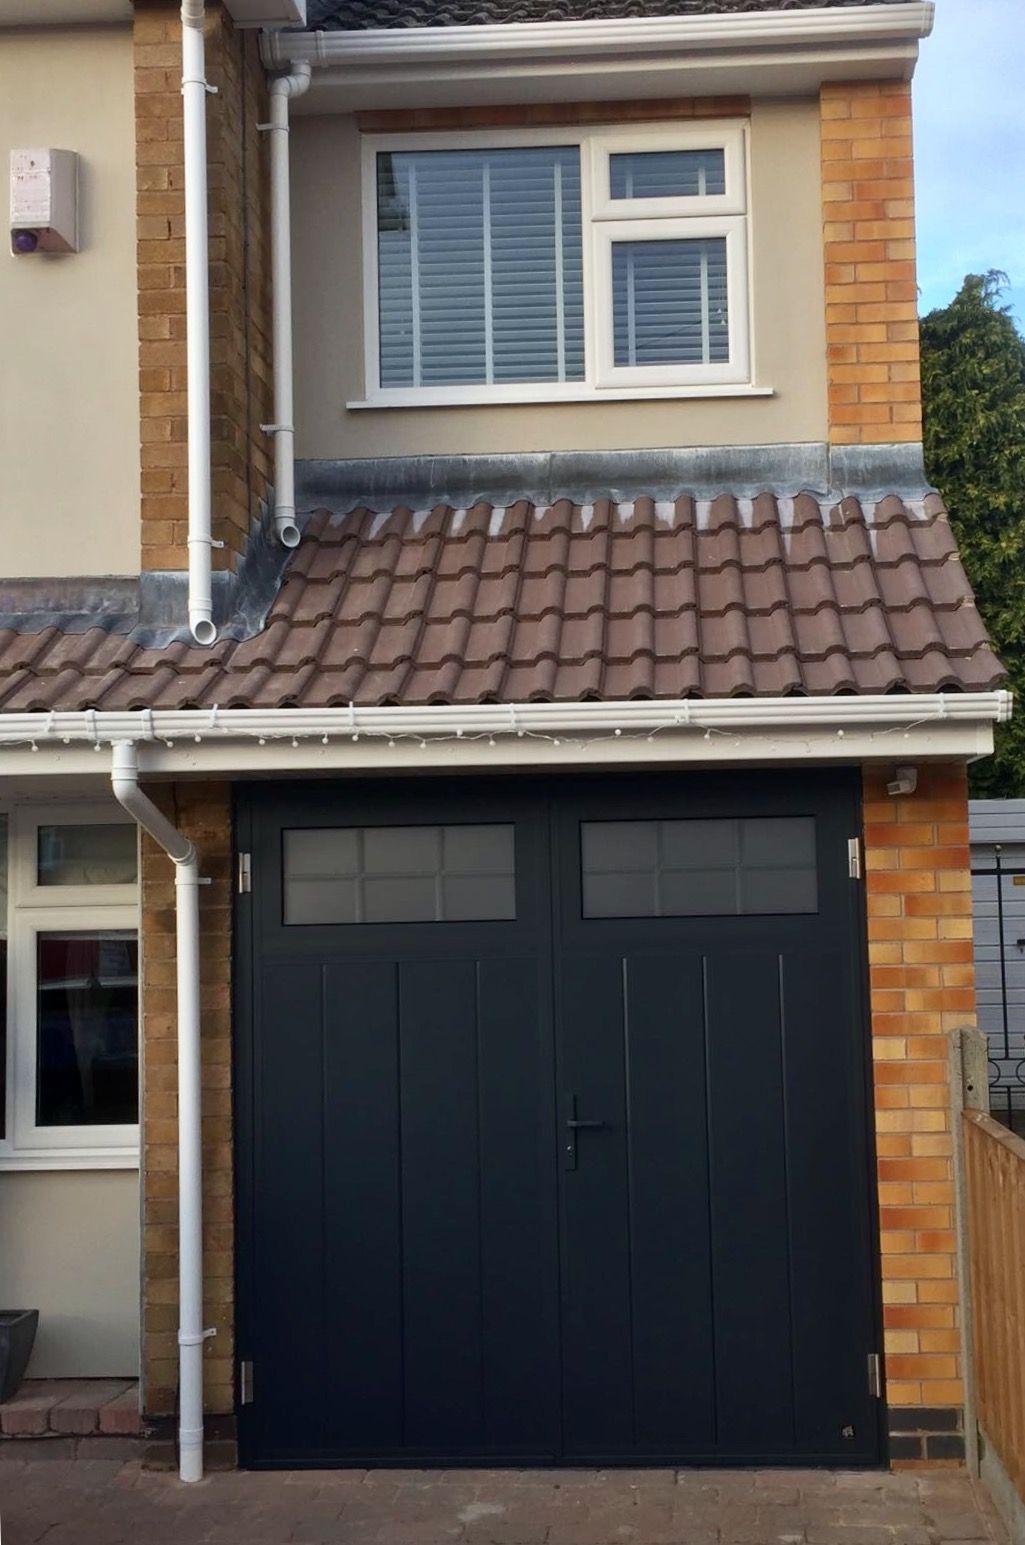 Ryterna Mid Rib Slick Traditional Shd Anthracite Grey Sectional Garage Doors Garage Doors Garage Door Insulation